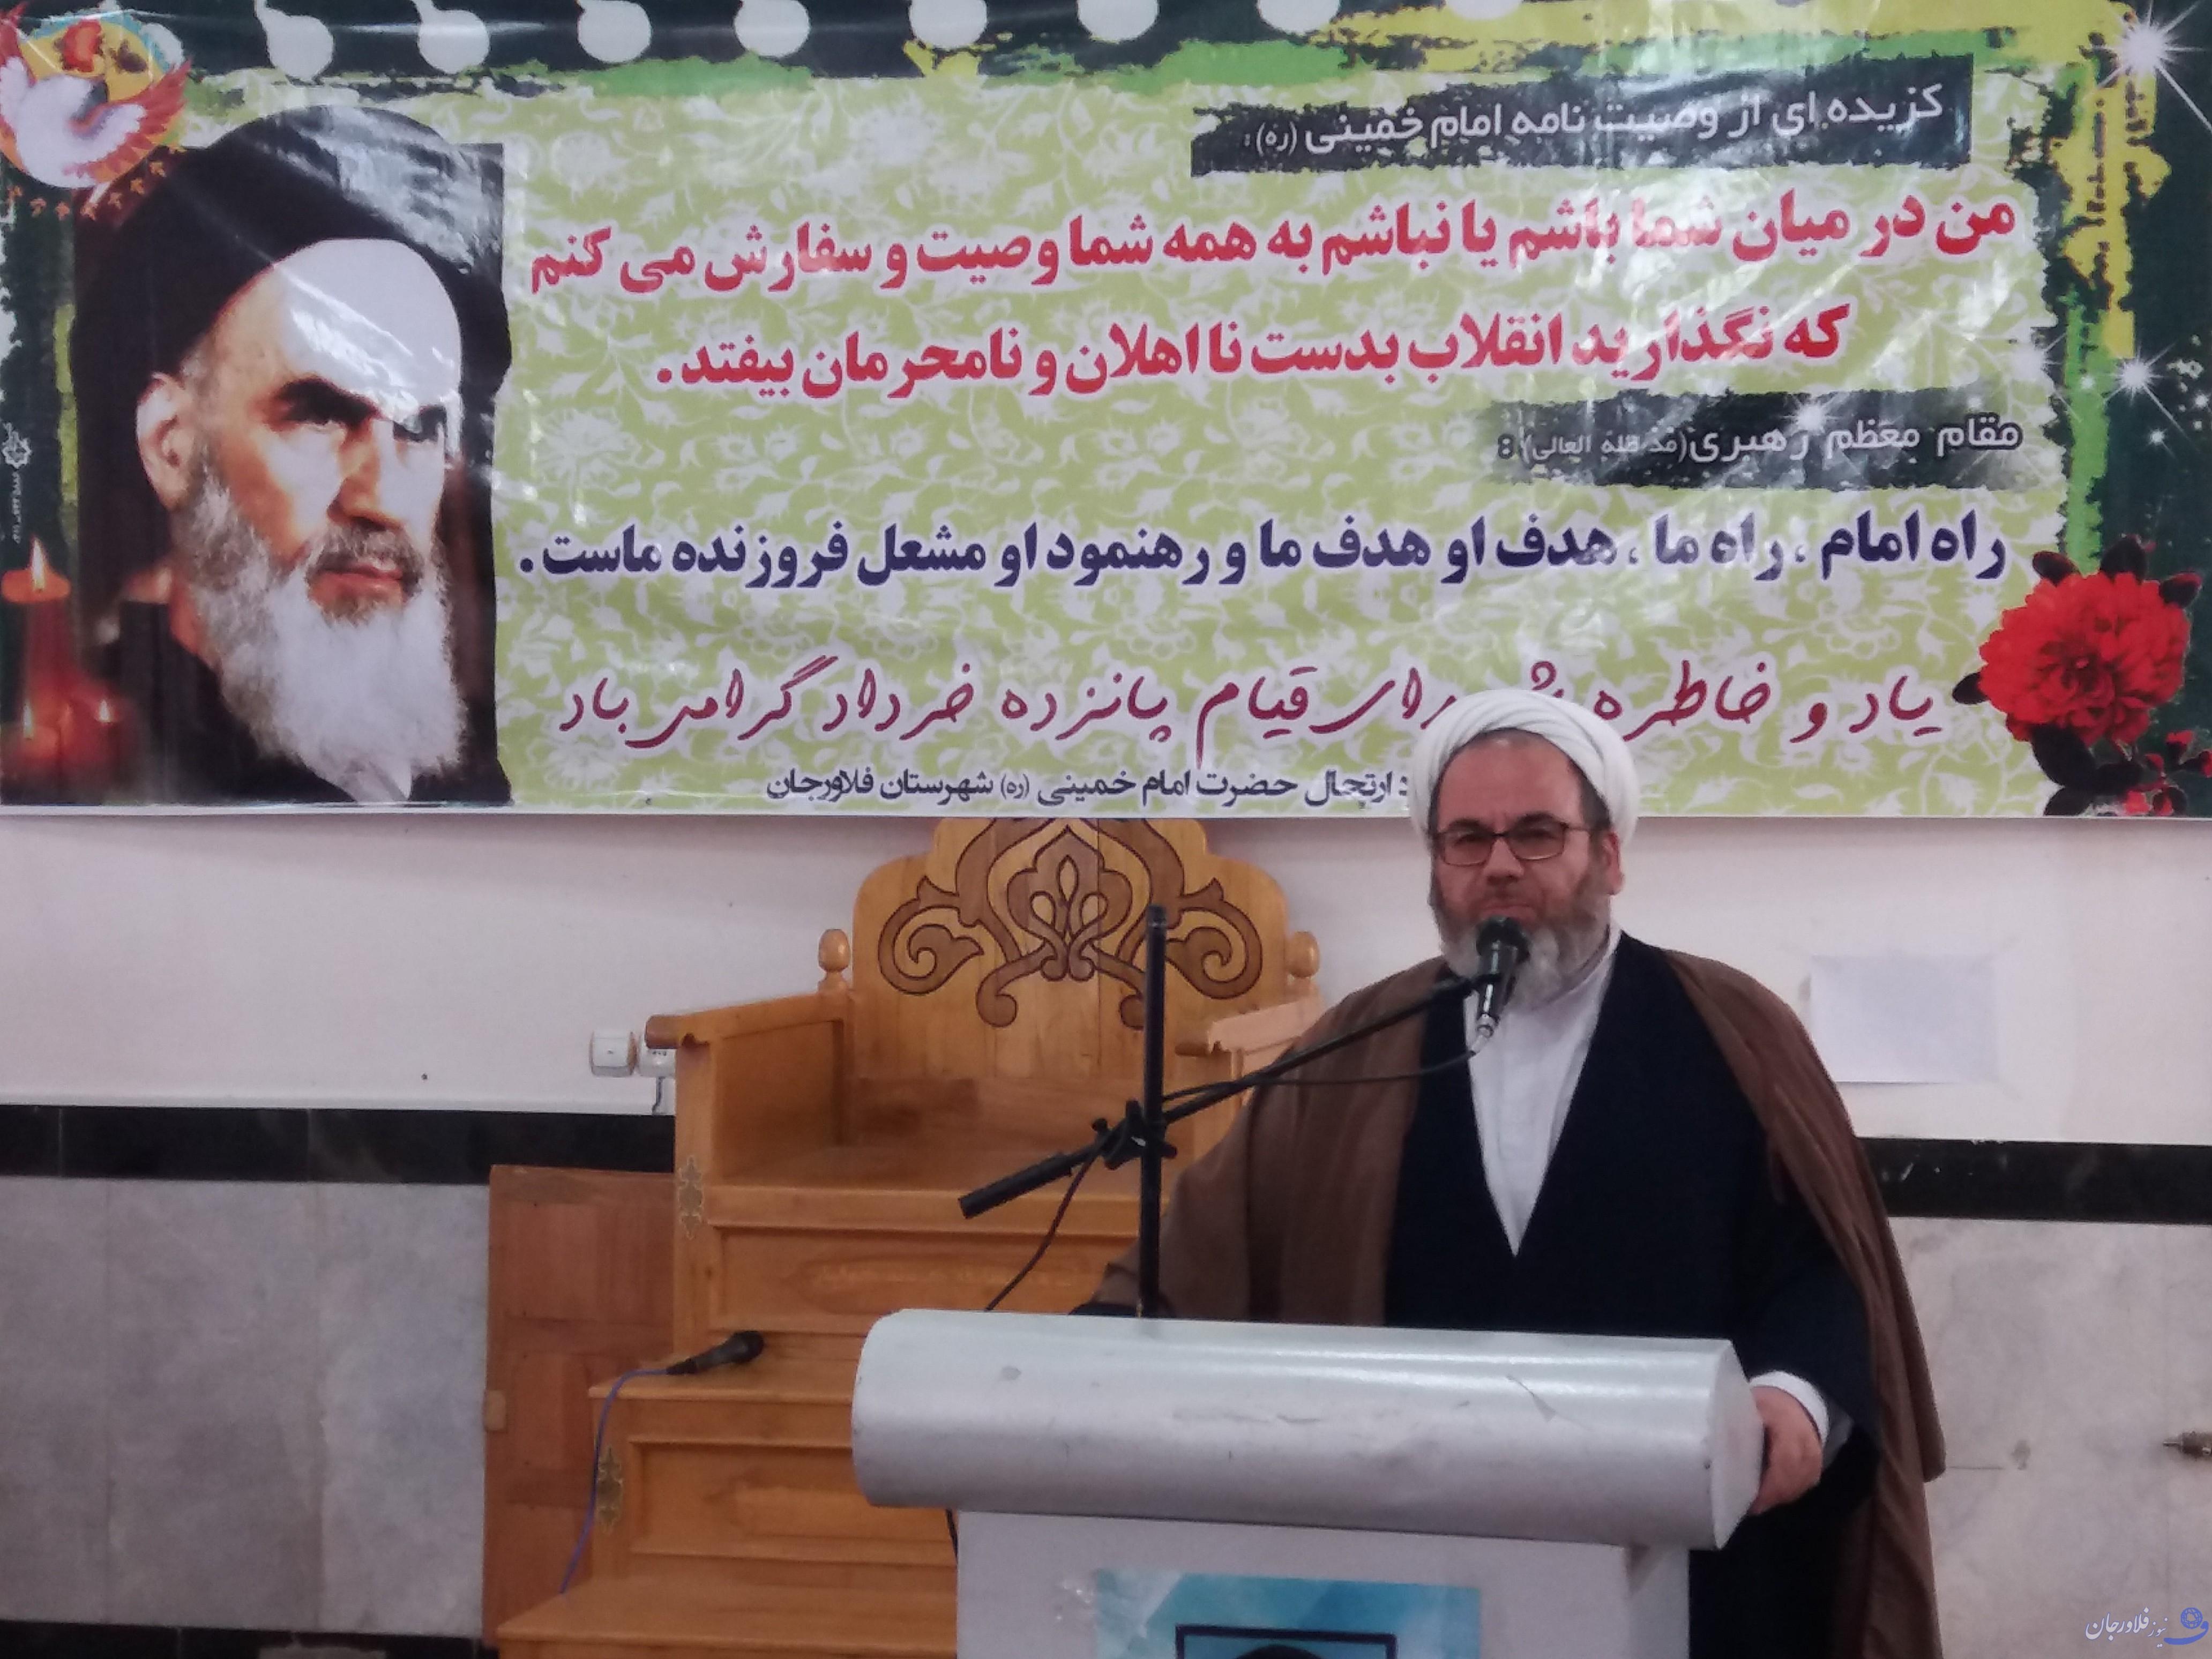 آیین بزرگداشت ارتحال امام خمینی(ره) درشهرستان فلاورجان برگزار شد+ تصاویر